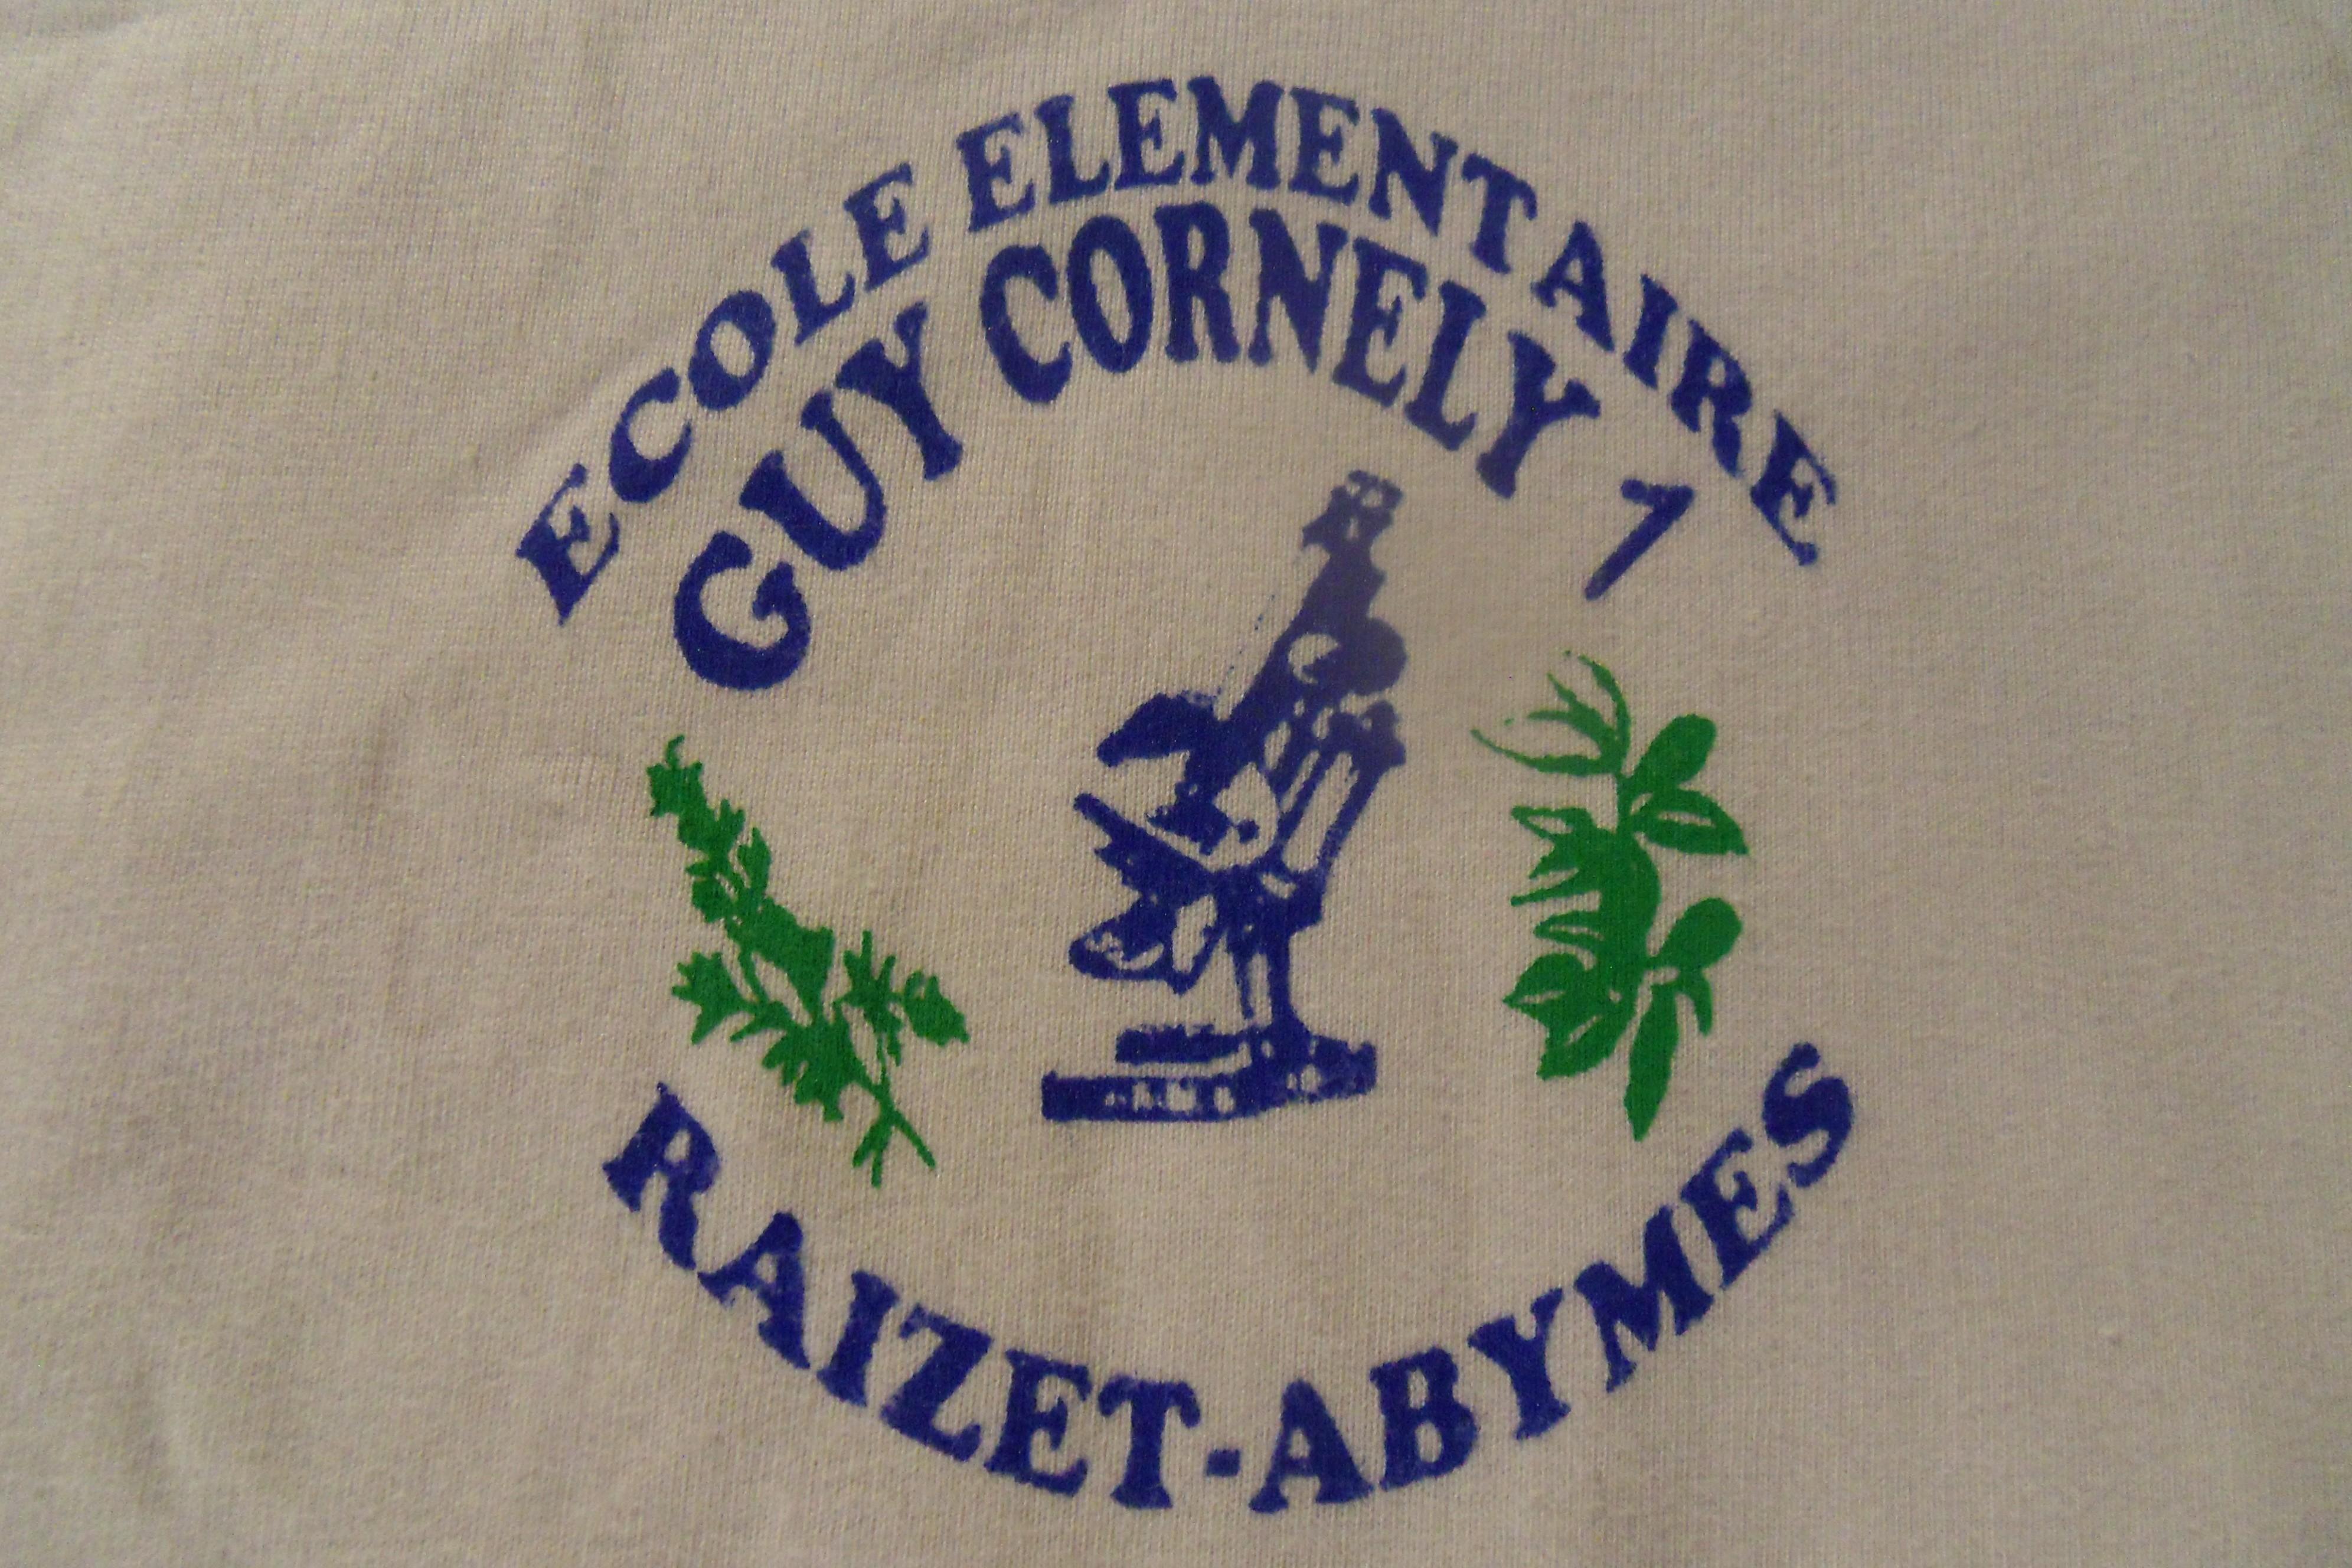 Ecole élémentaire GUY CORNELY 1